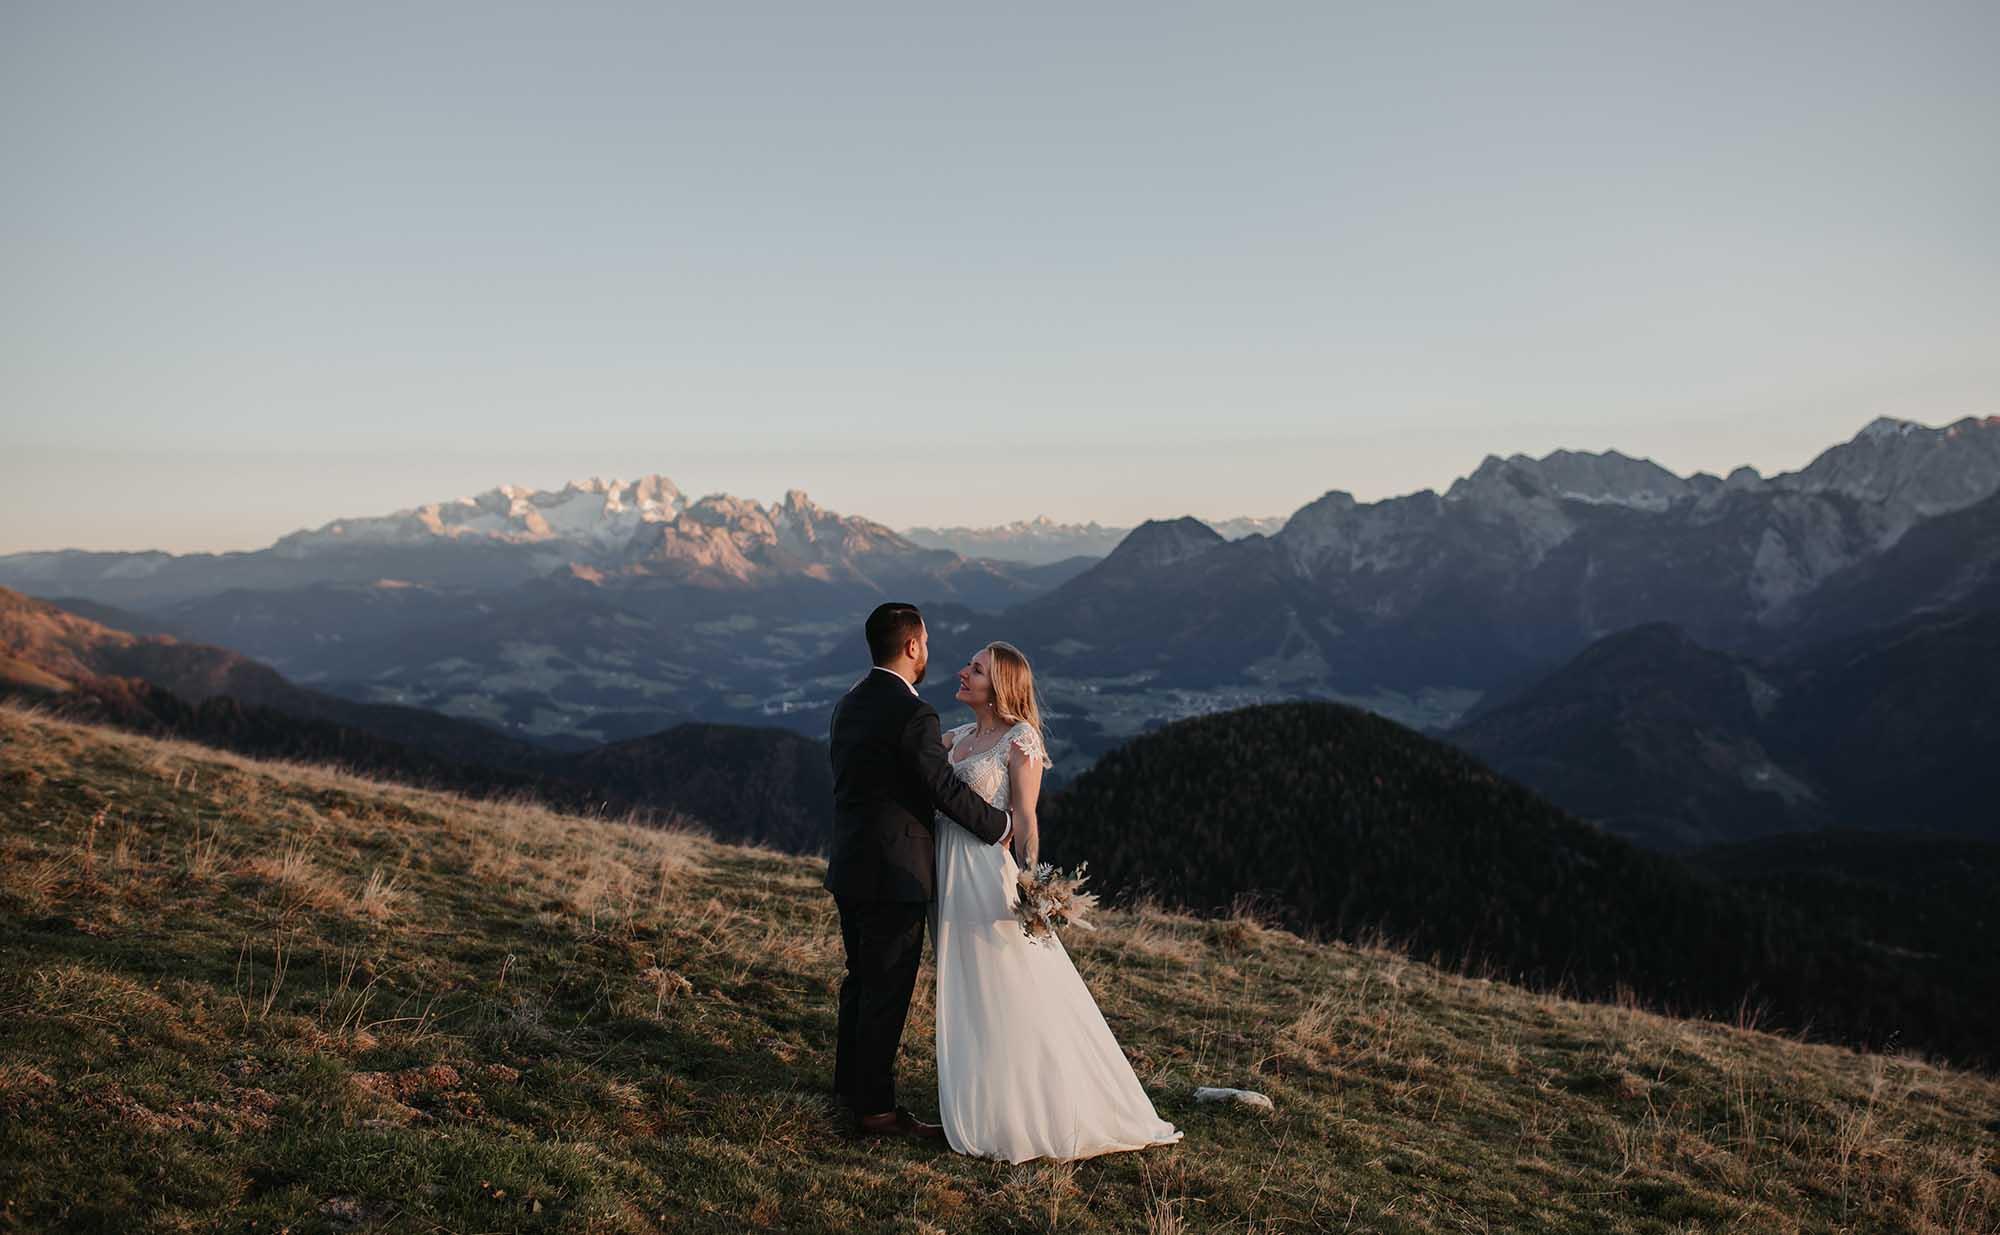 Hochzeitsfotografin Krisztina Gasser